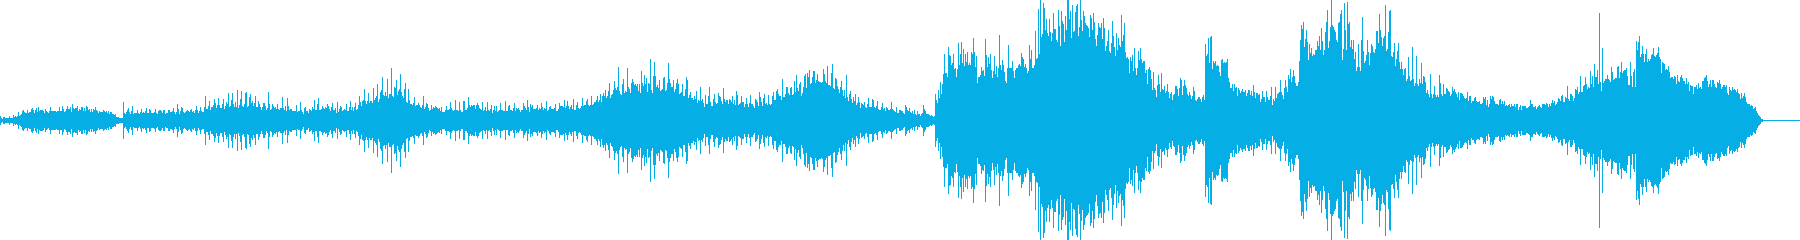 風景画的な映画音楽の再生済みの波形